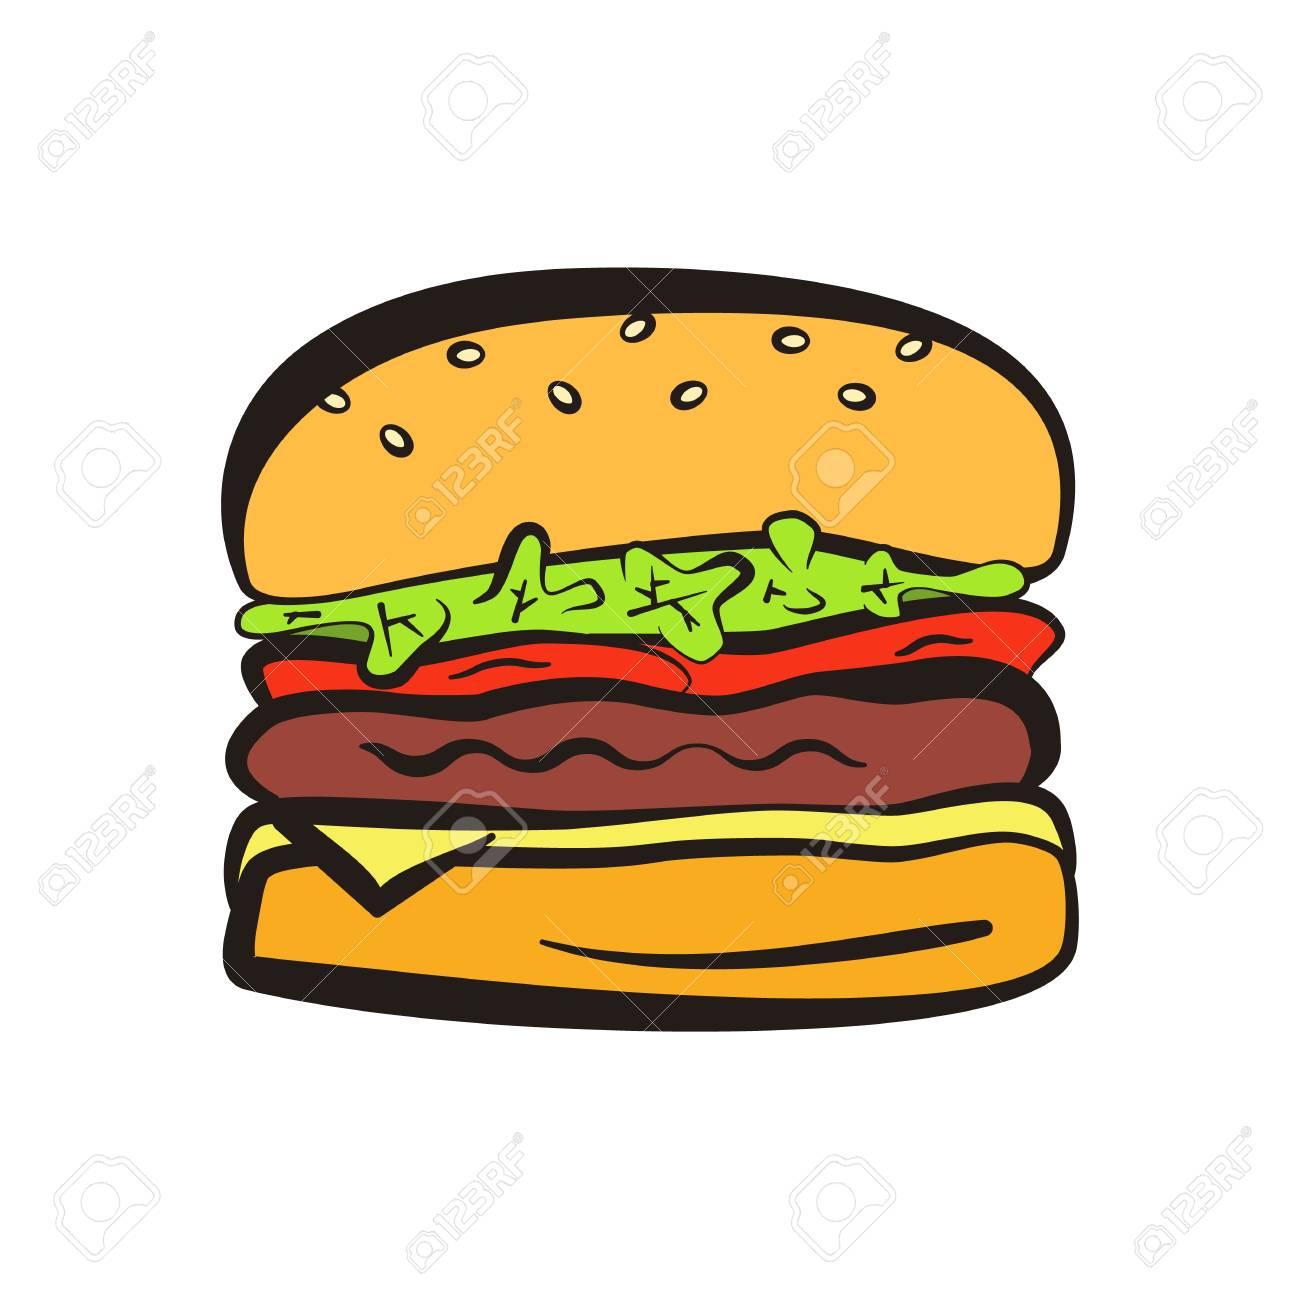 Symbole De Hamburger Colore De Dessin Anime Avec Contour Noir Icone De Burger Lineaire Plat Comique Pour Restaurant De Restauration Rapide Ou Un Menu Cafe Publicite Bannieres Clip Art Libres De Droits